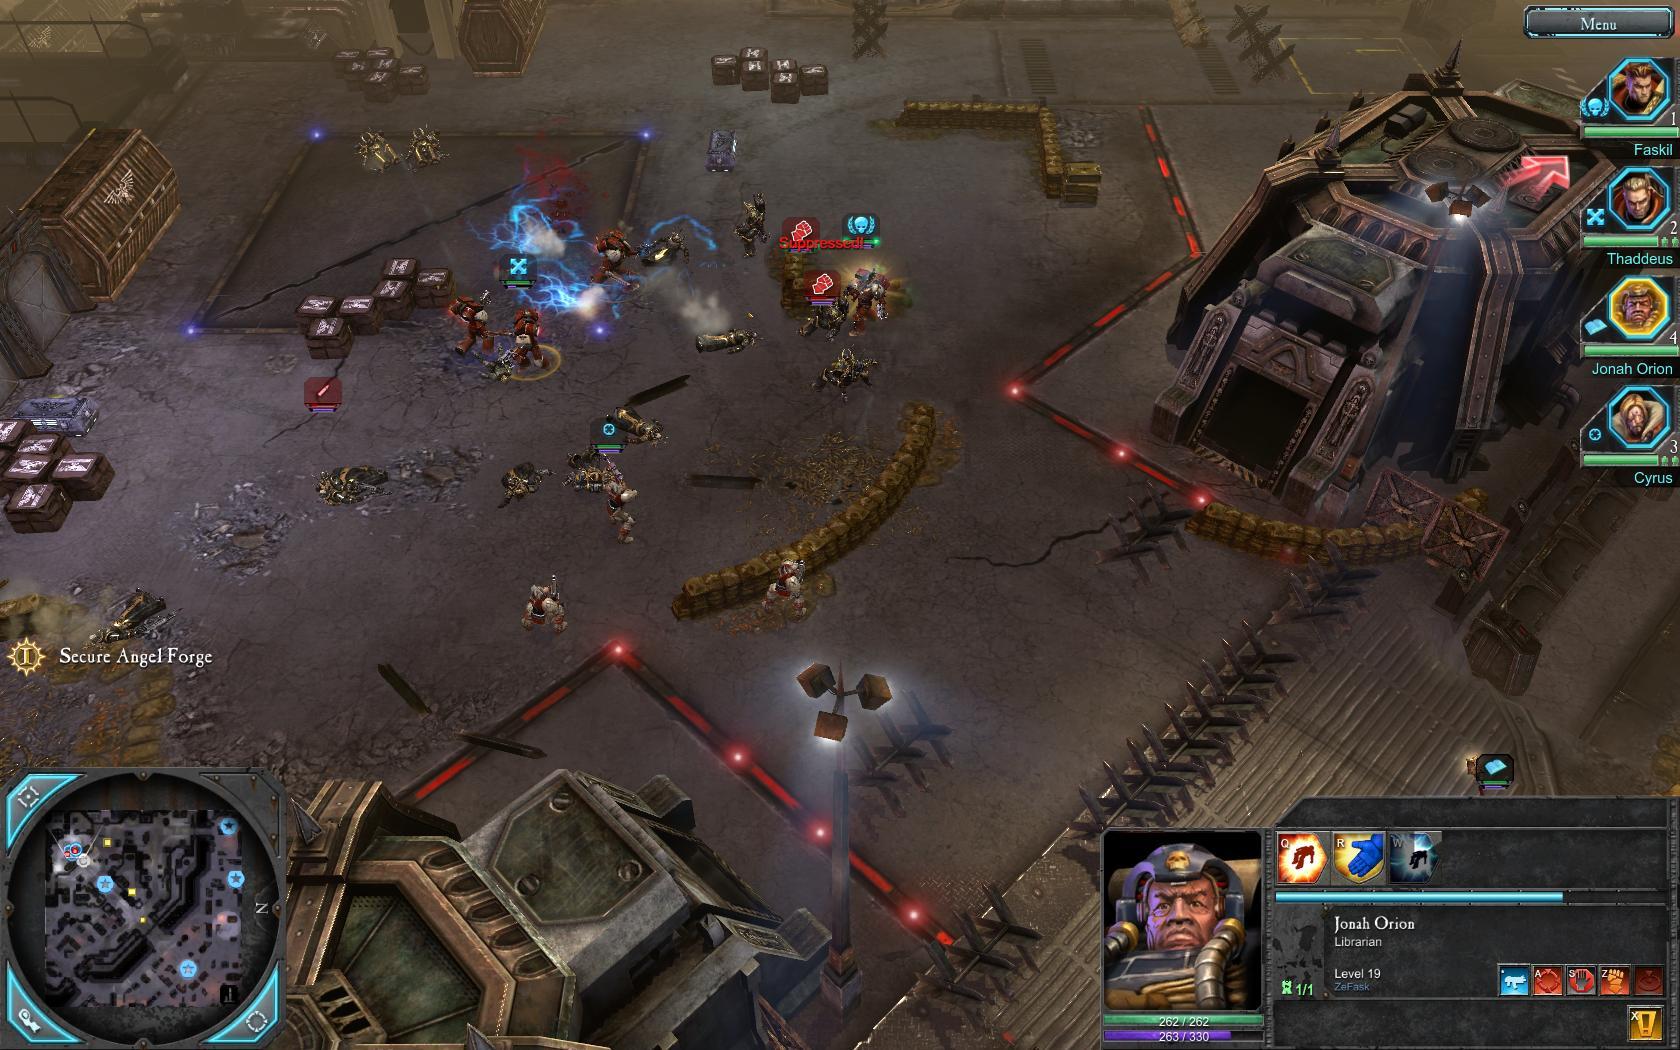 DawnOfWarII-ChaosRising PC test006